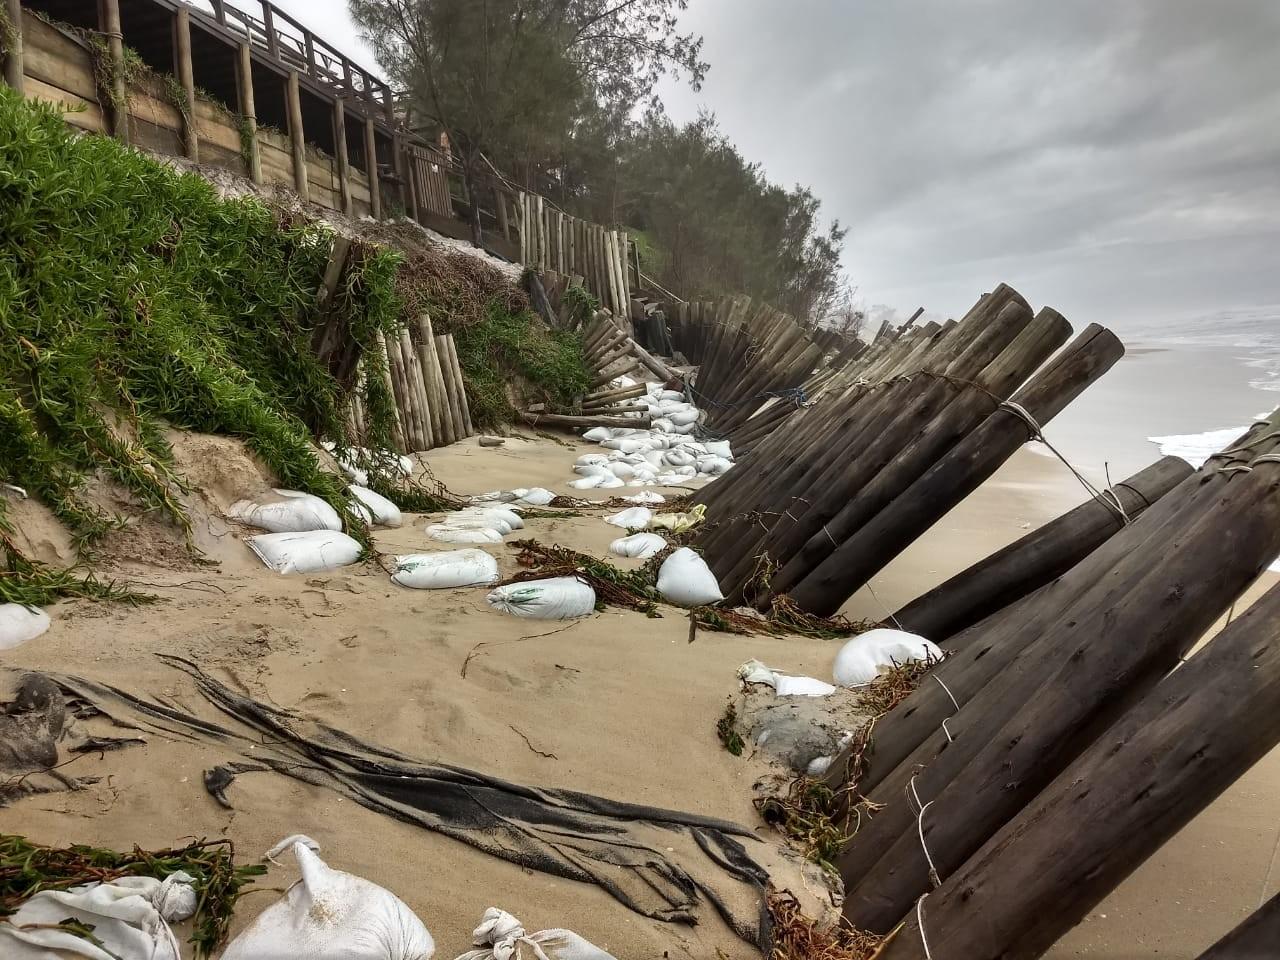 Mar agitado causa estragos em praias de Florianópolis e do Norte de SC; FOTOS - Notícias - Plantão Diário